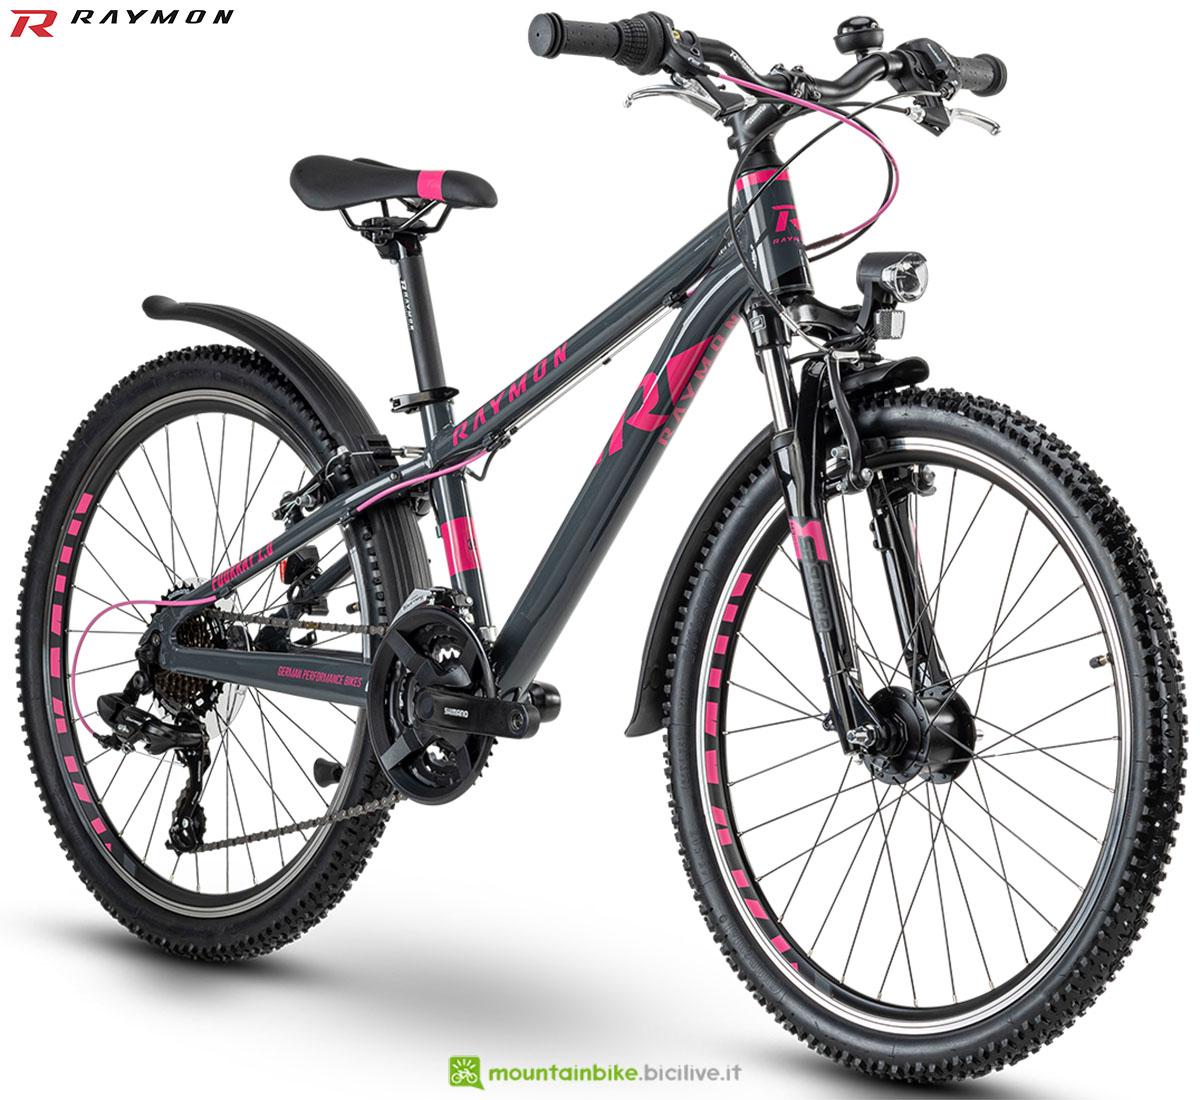 Una bici mtb R Raymon Fourray 1.0 2020